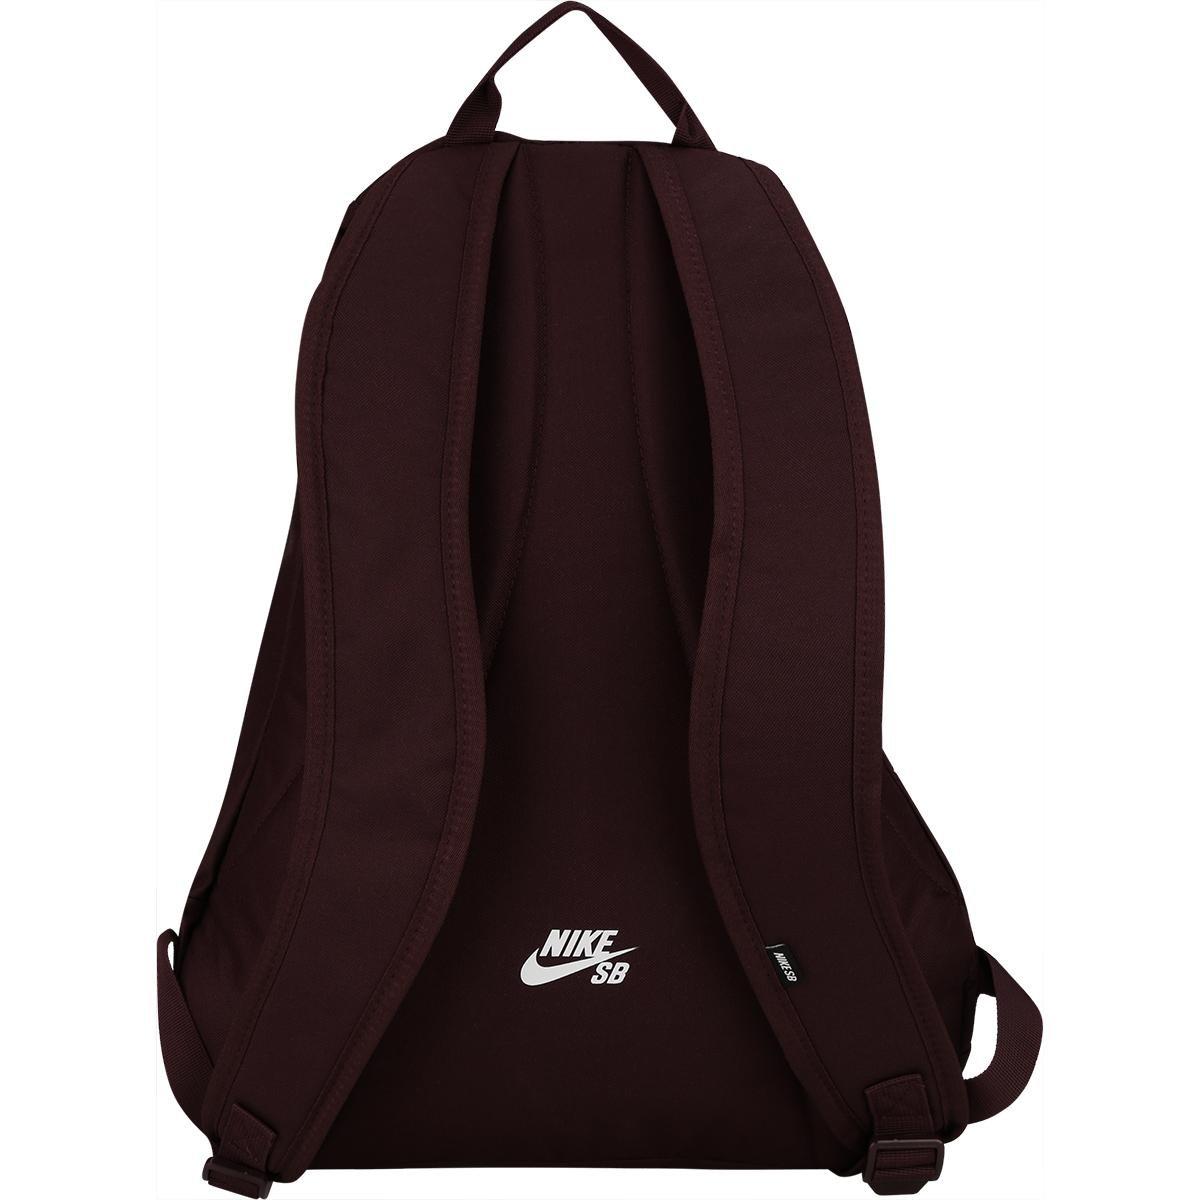 b7c44bb62c Mochila Nike Embarca Medium  Mochila Nike Embarca Medium ...